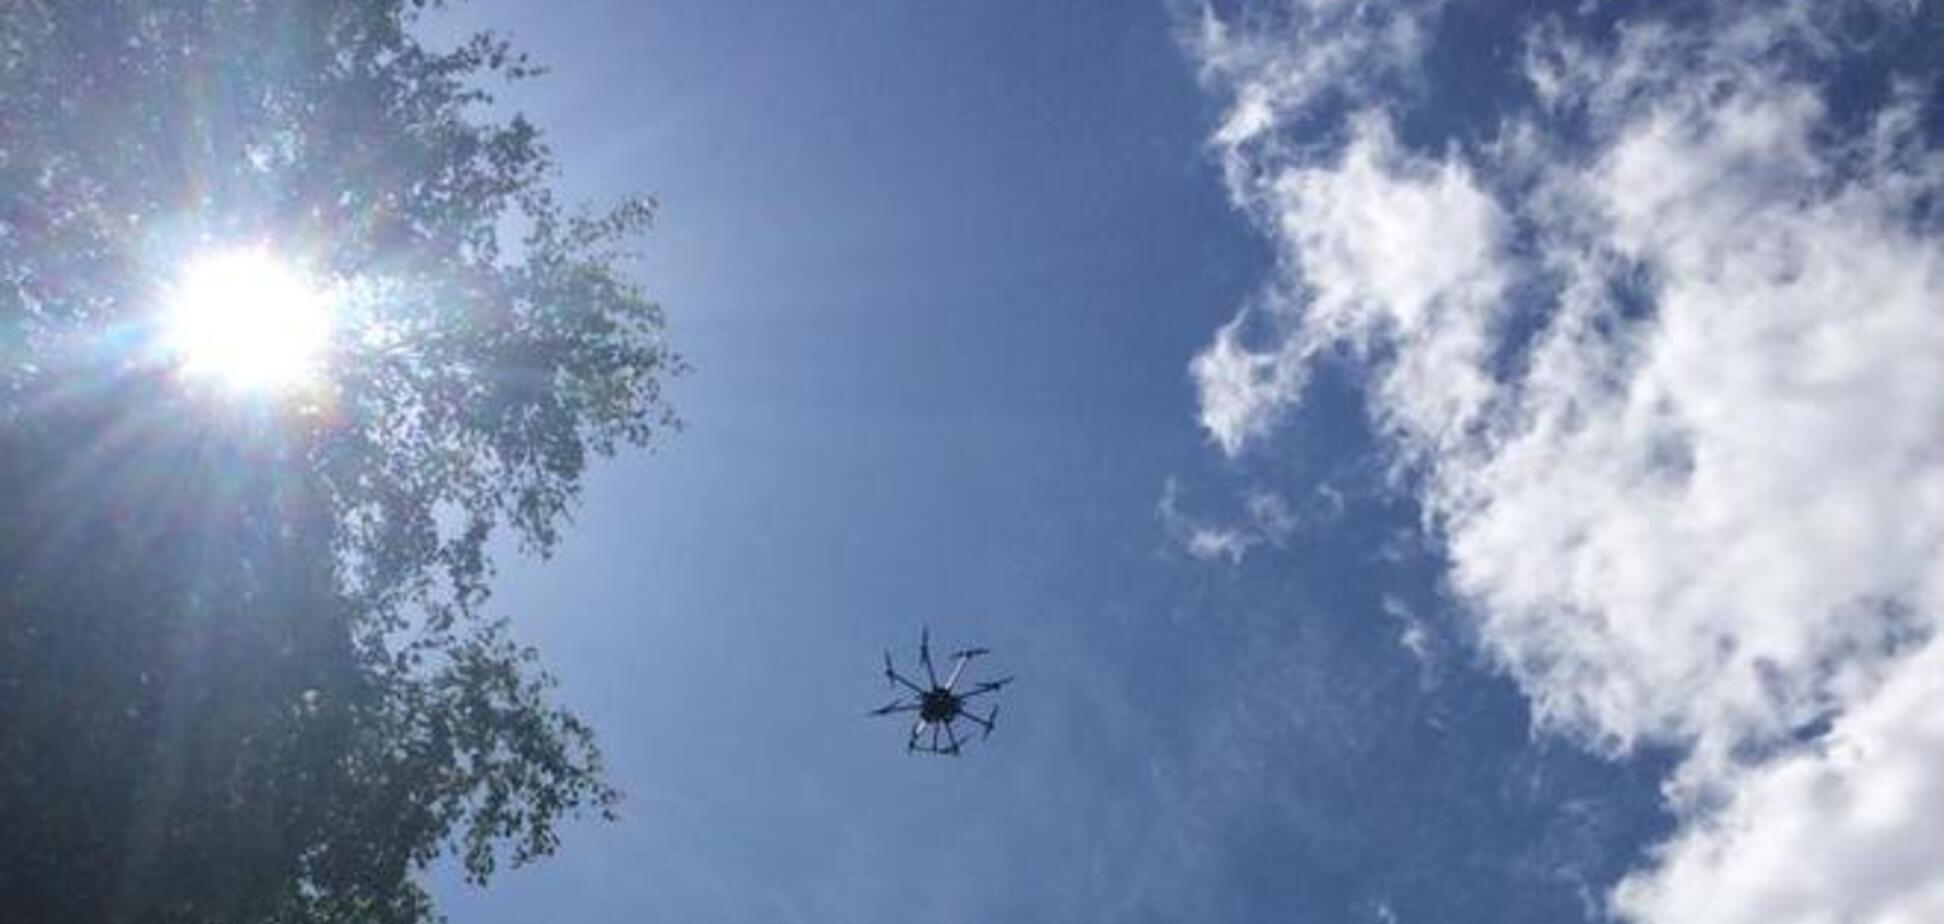 Батальон 'Донбасс' закупил беспилотники для ведения разведки